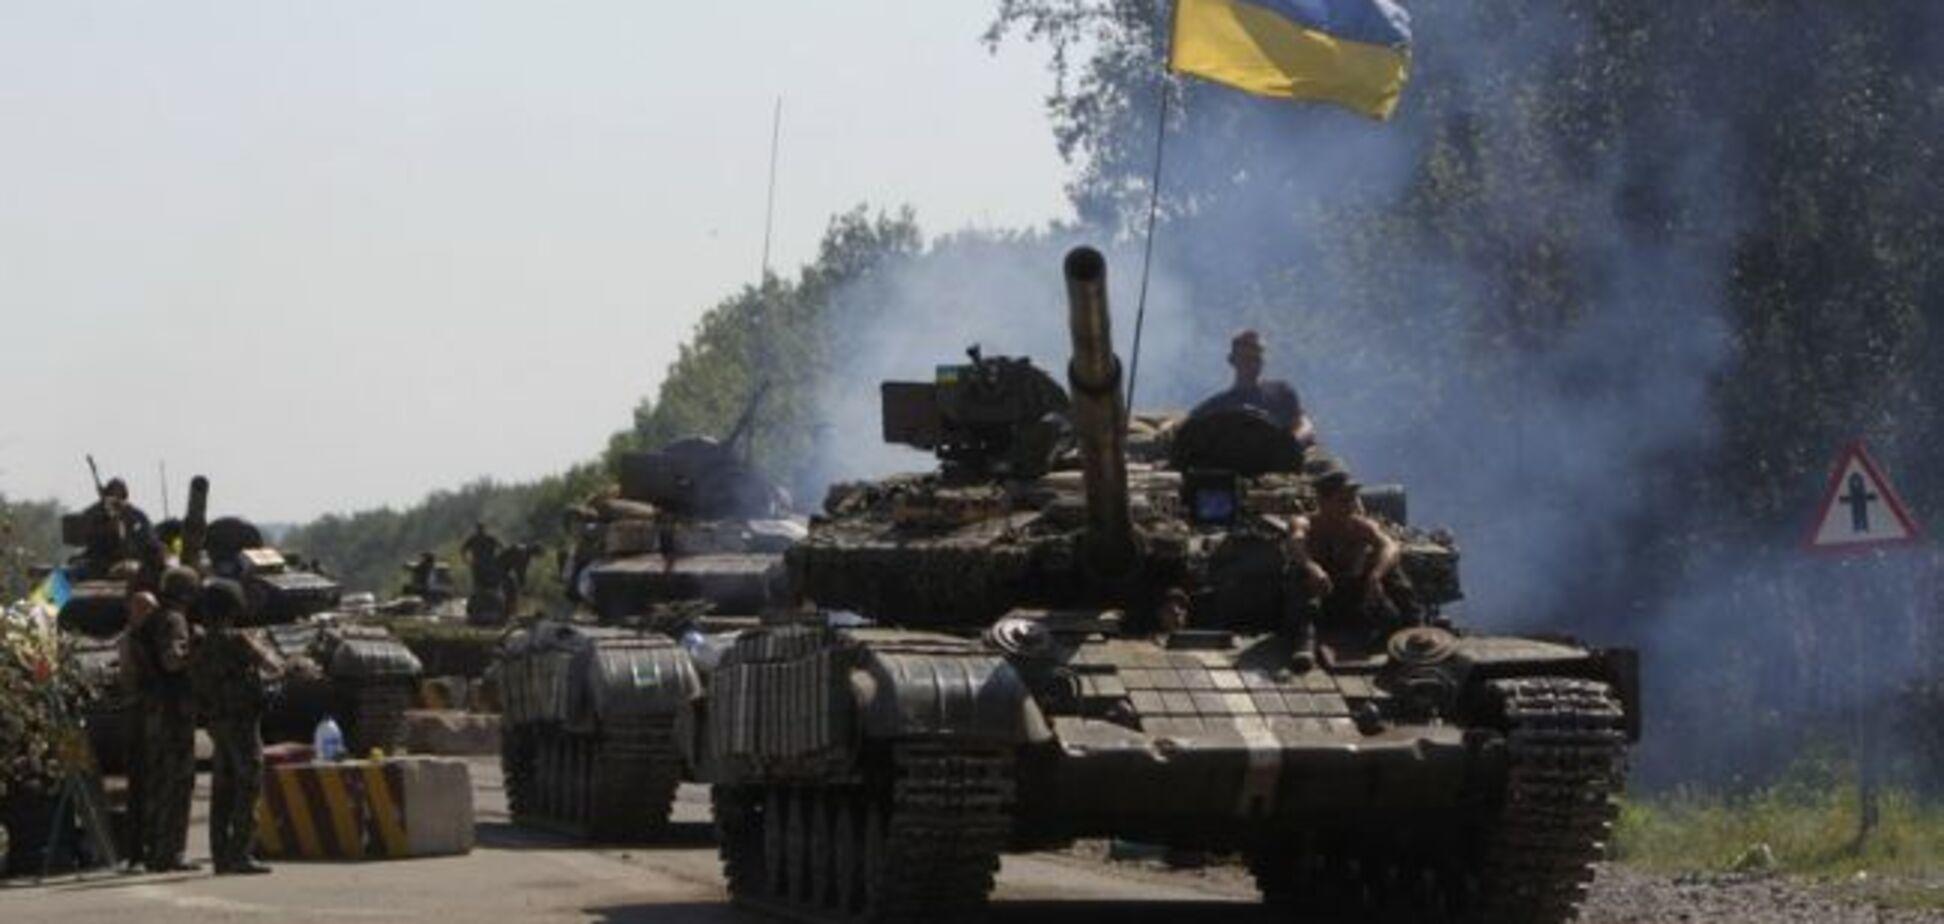 В 3 раза больше, чем за войну на Донбассе: журналист рассказал о коллосальном ущербе ВСУ